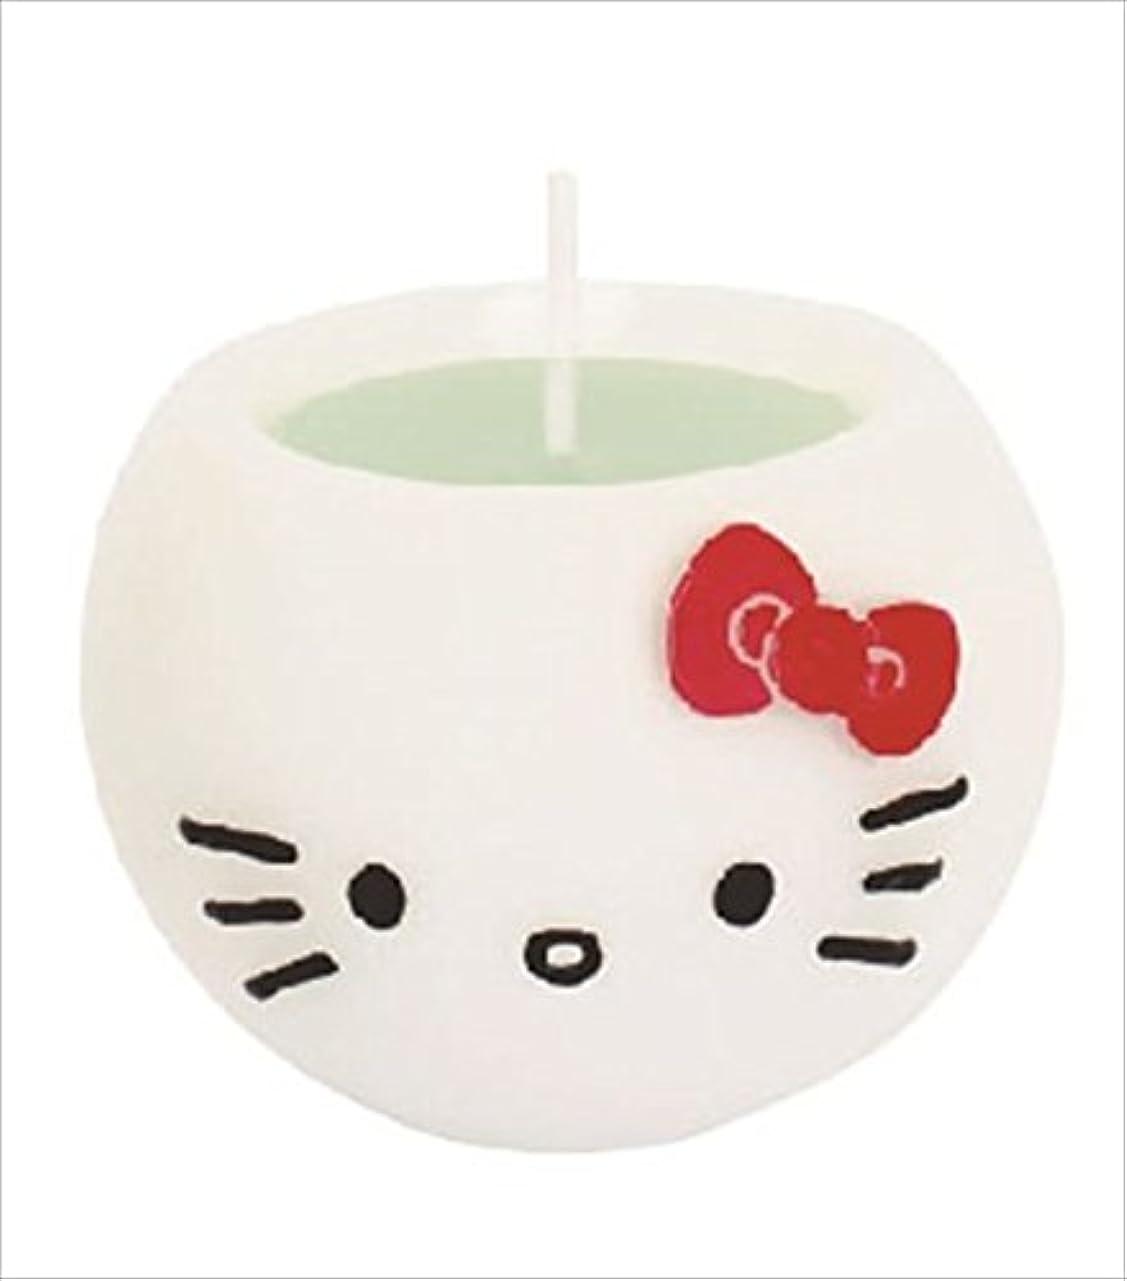 大理石キリスト複製kameyama candle(カメヤマキャンドル) ハローキティアロマキャンドル 「 アップル 」 キャンドル 58x58x45mm (A6980530)